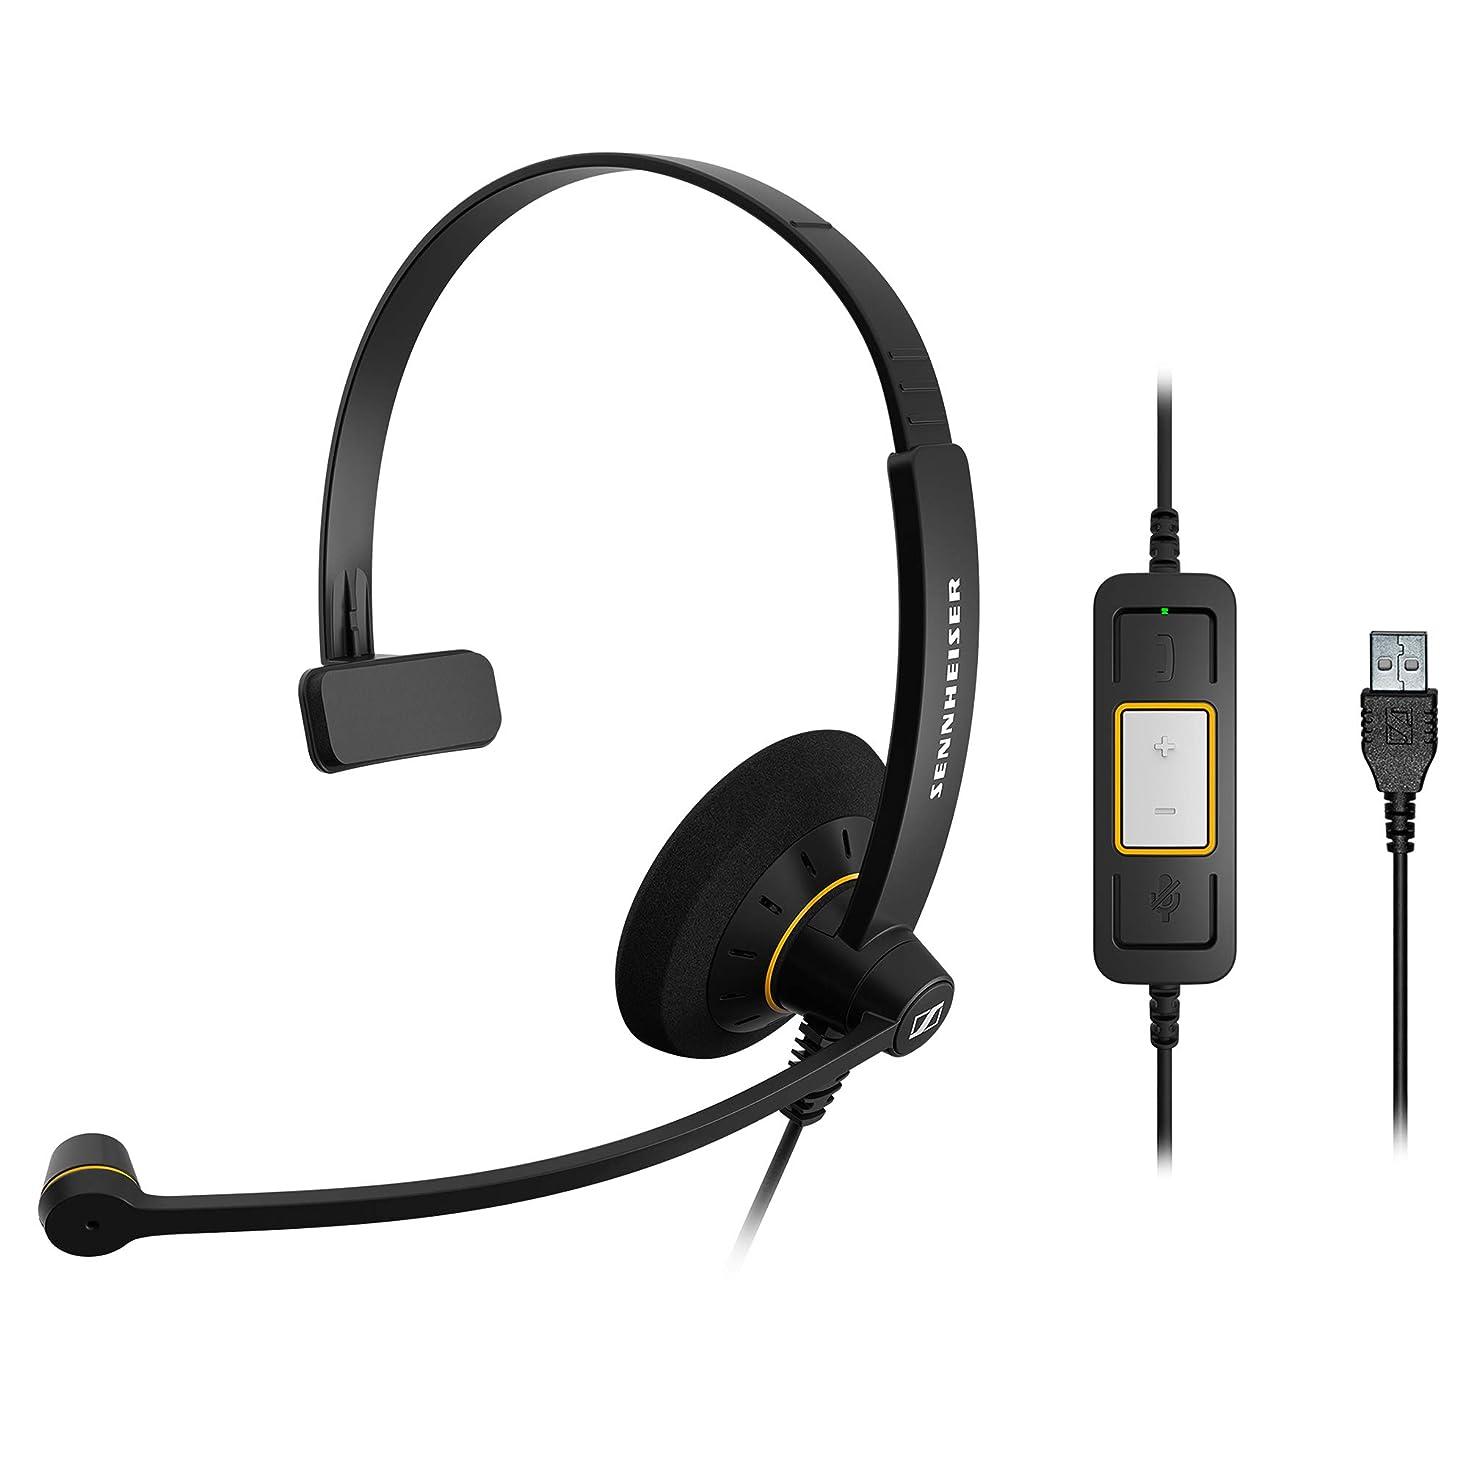 永久お世話になった前兆ゼンハイザー SC 30 USB ML エントリークラス 片耳USBヘッドセット、コールコントロール機能付 504546